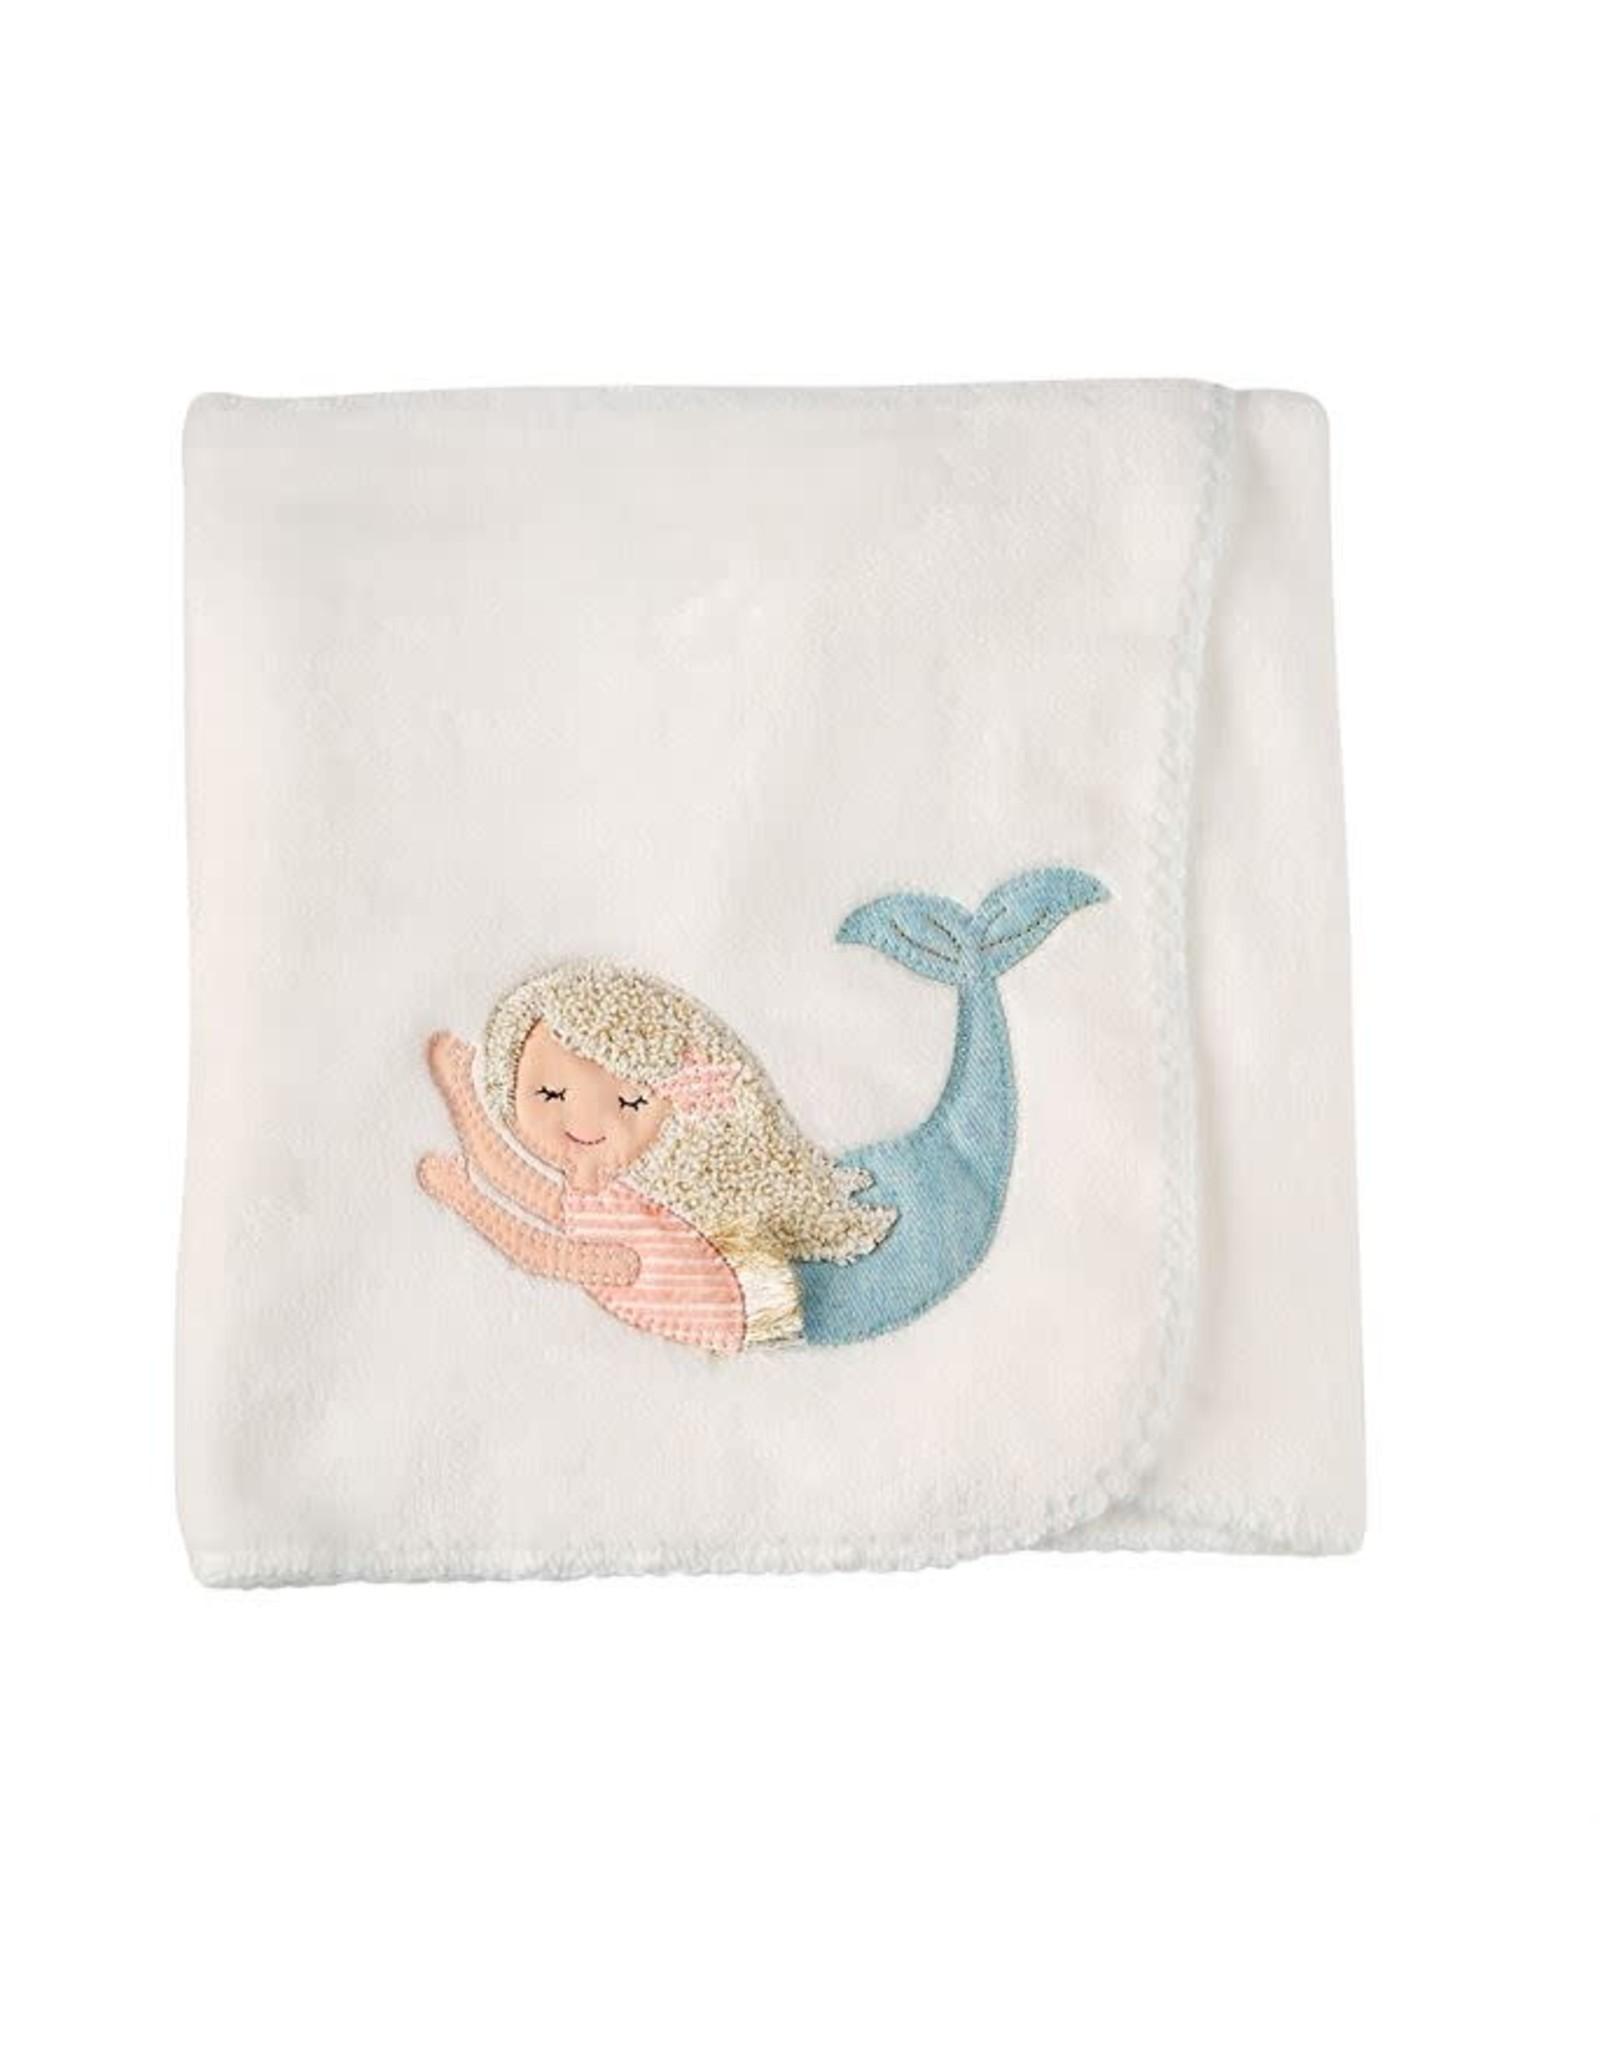 Mudpie Mud Pie - Mermaid Fleece Blanket